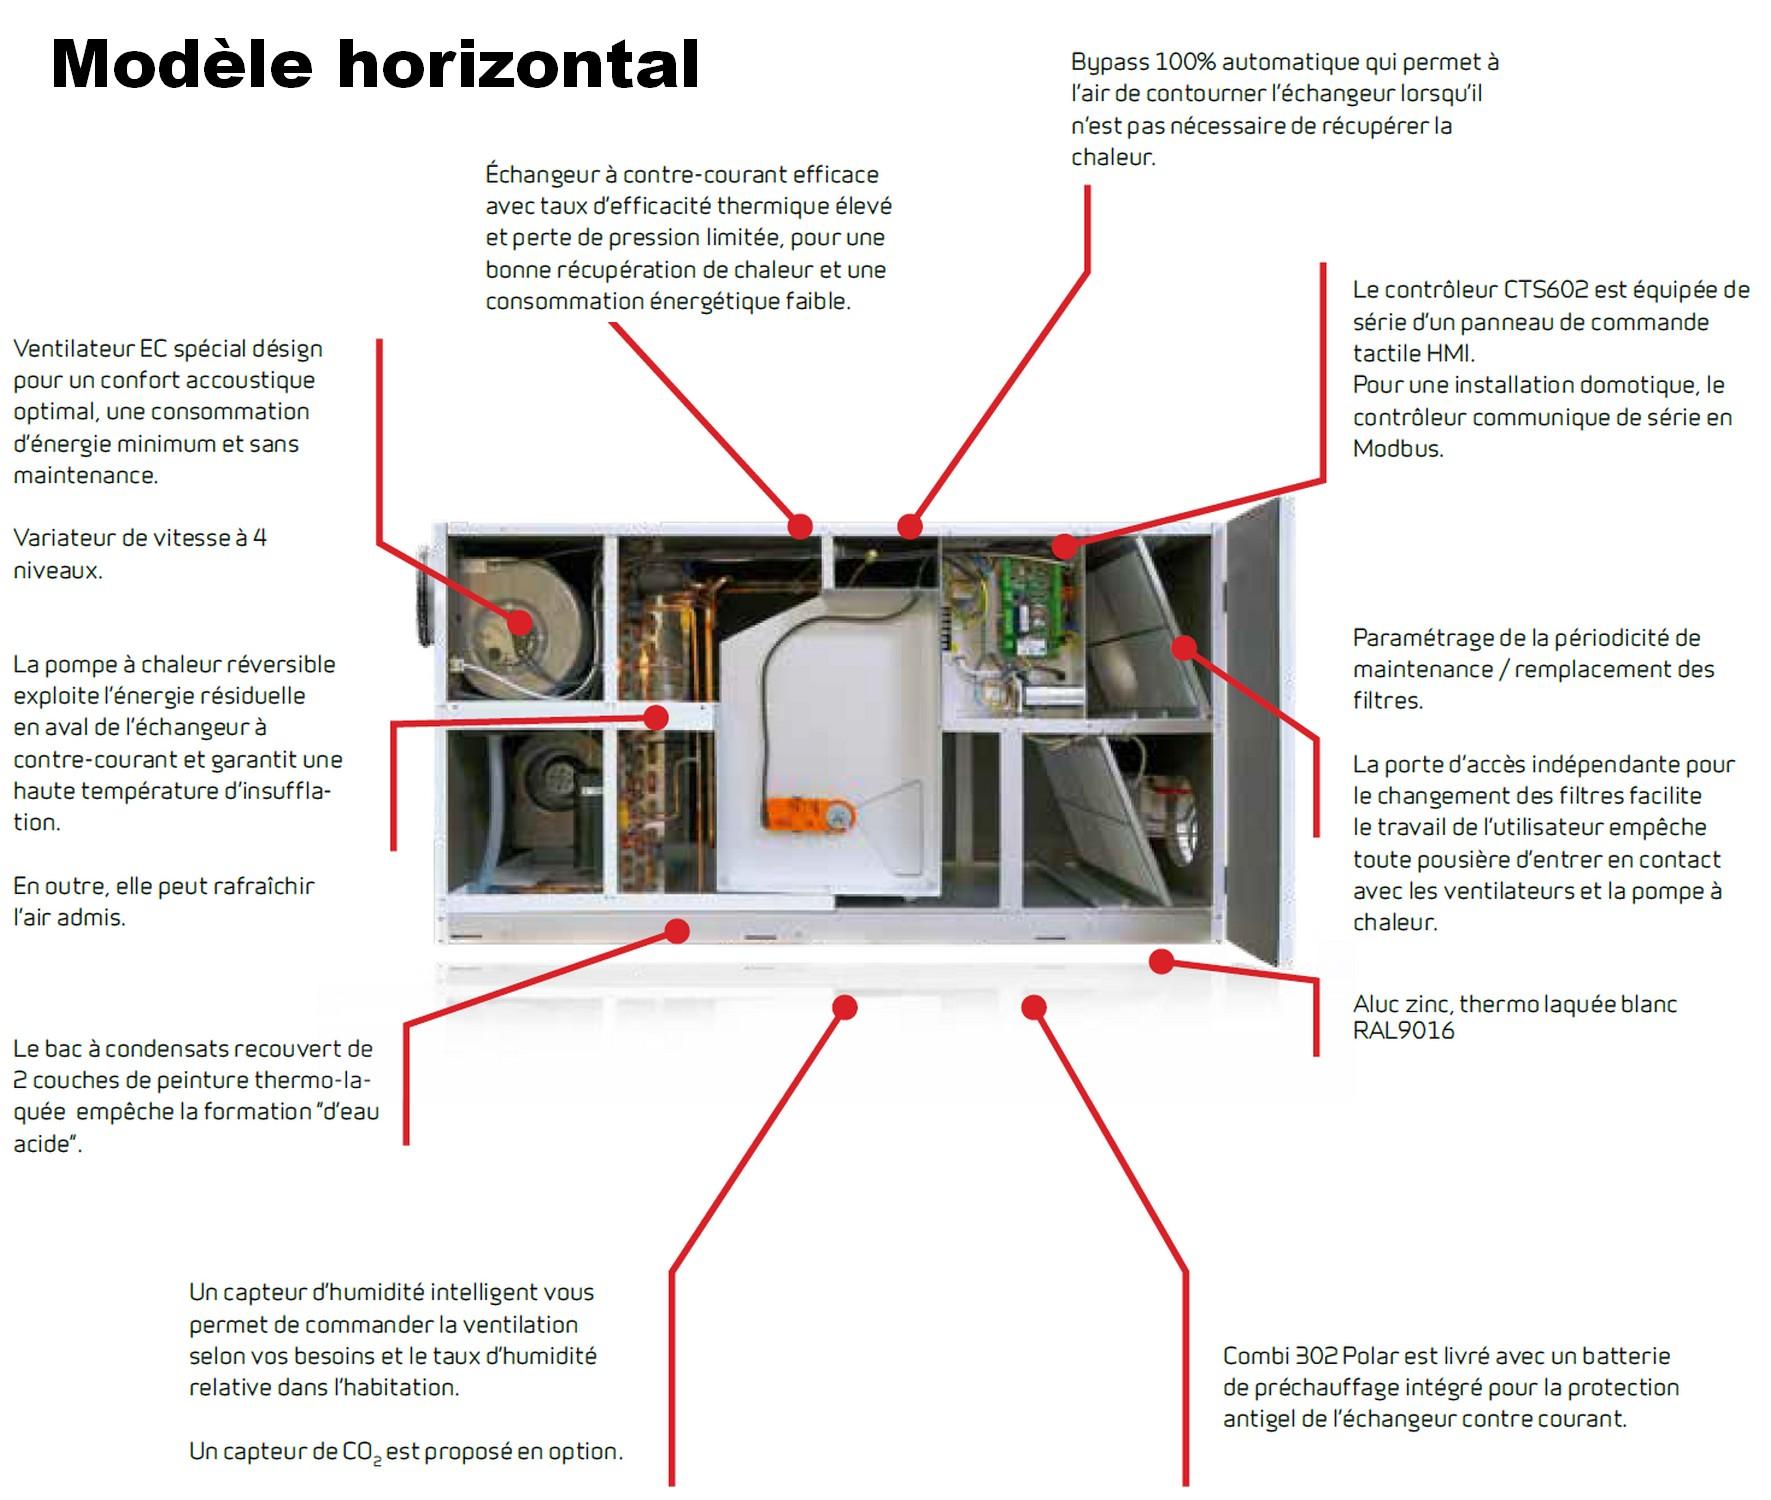 modele horizontal